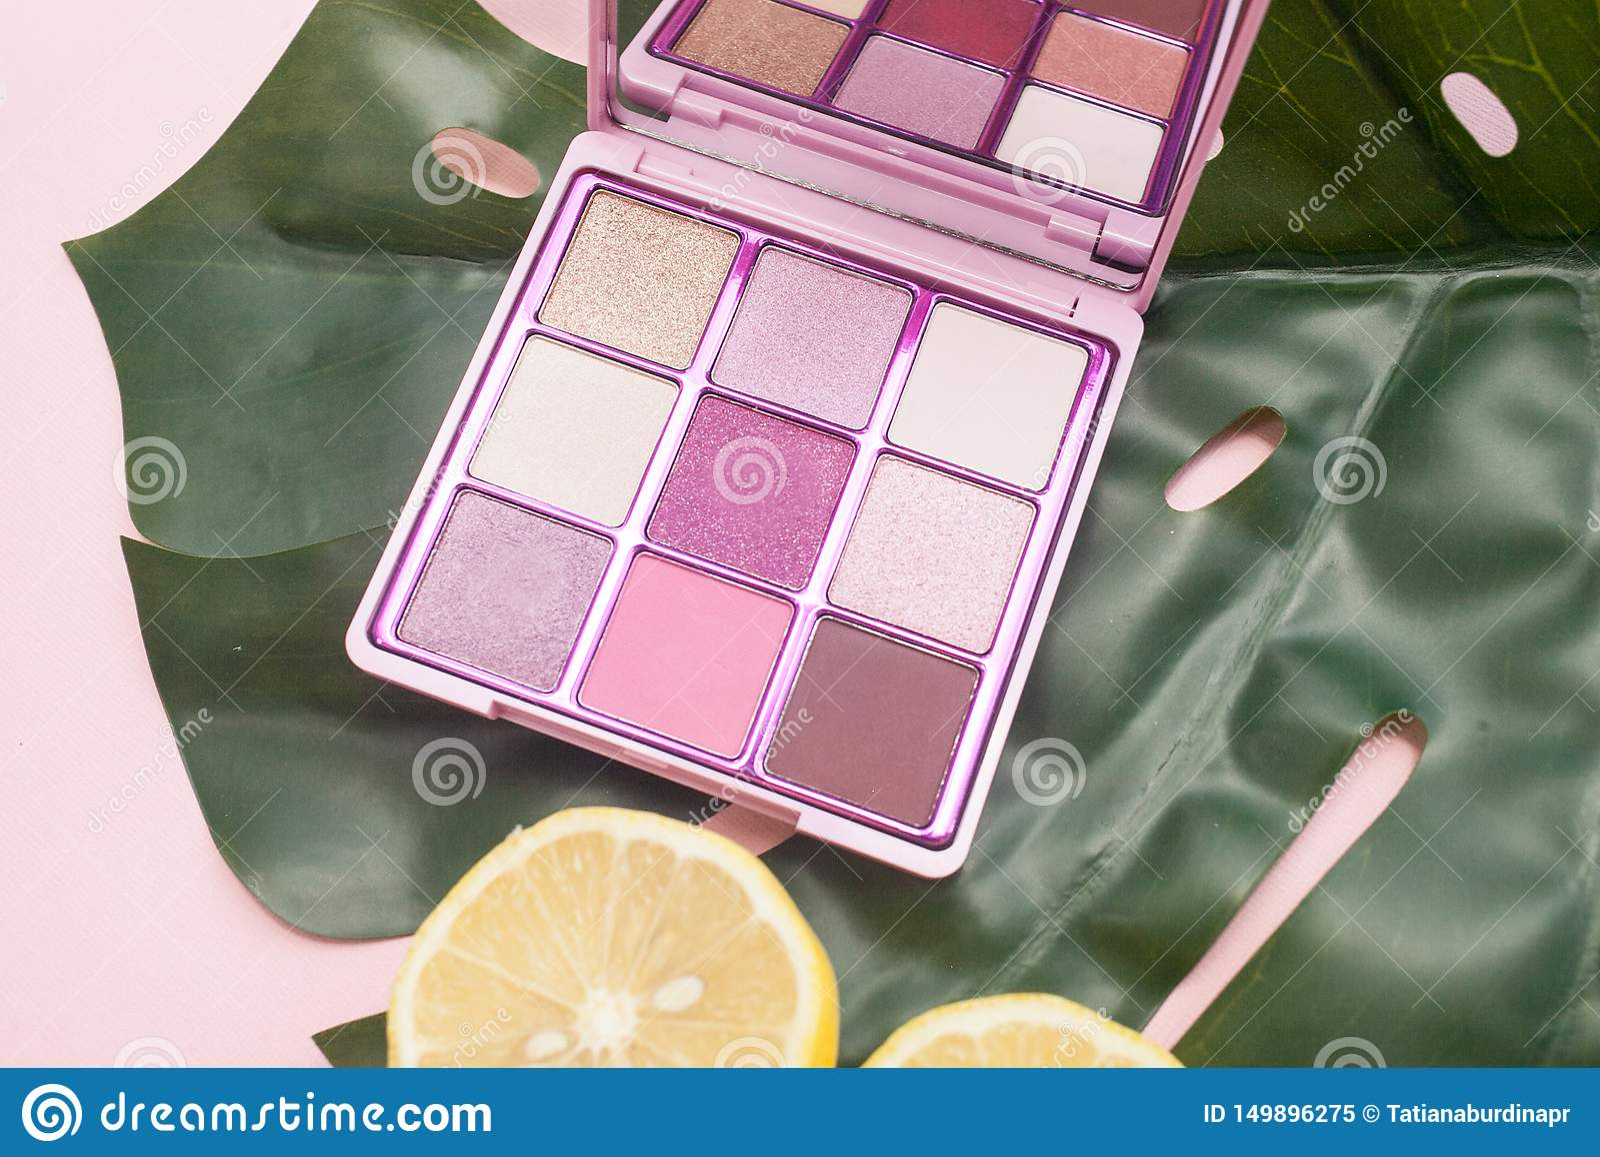 Paleta cuadrada del rosa y de sombras desnudas en un fondo rosado con la opinión de top verde de la hoja y del limón